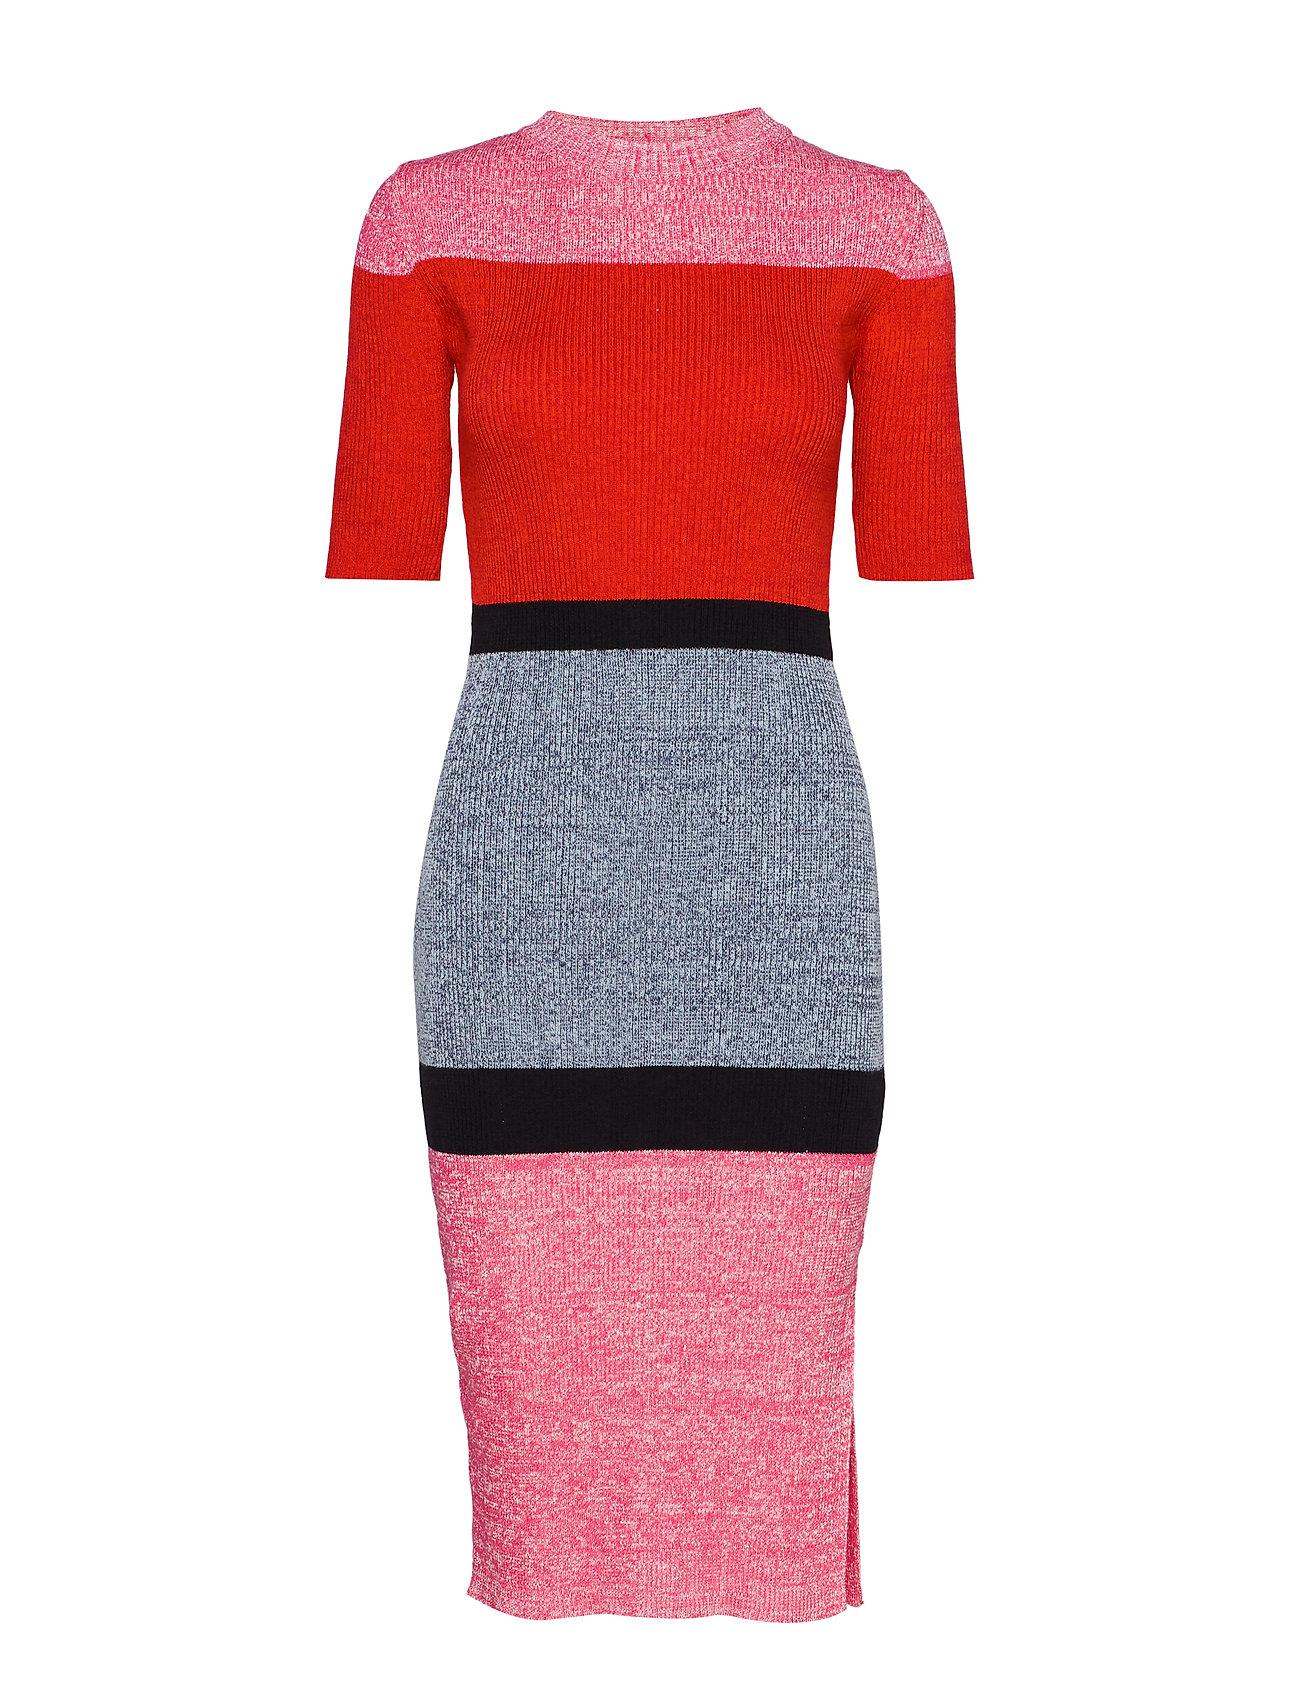 Puhuja Puhuja Striped Puhuja Knitted Puhuja Striped Knitted Knitted Striped DressblueRedBlackMarimekko DressblueRedBlackMarimekko DressblueRedBlackMarimekko 8v0mnwNO